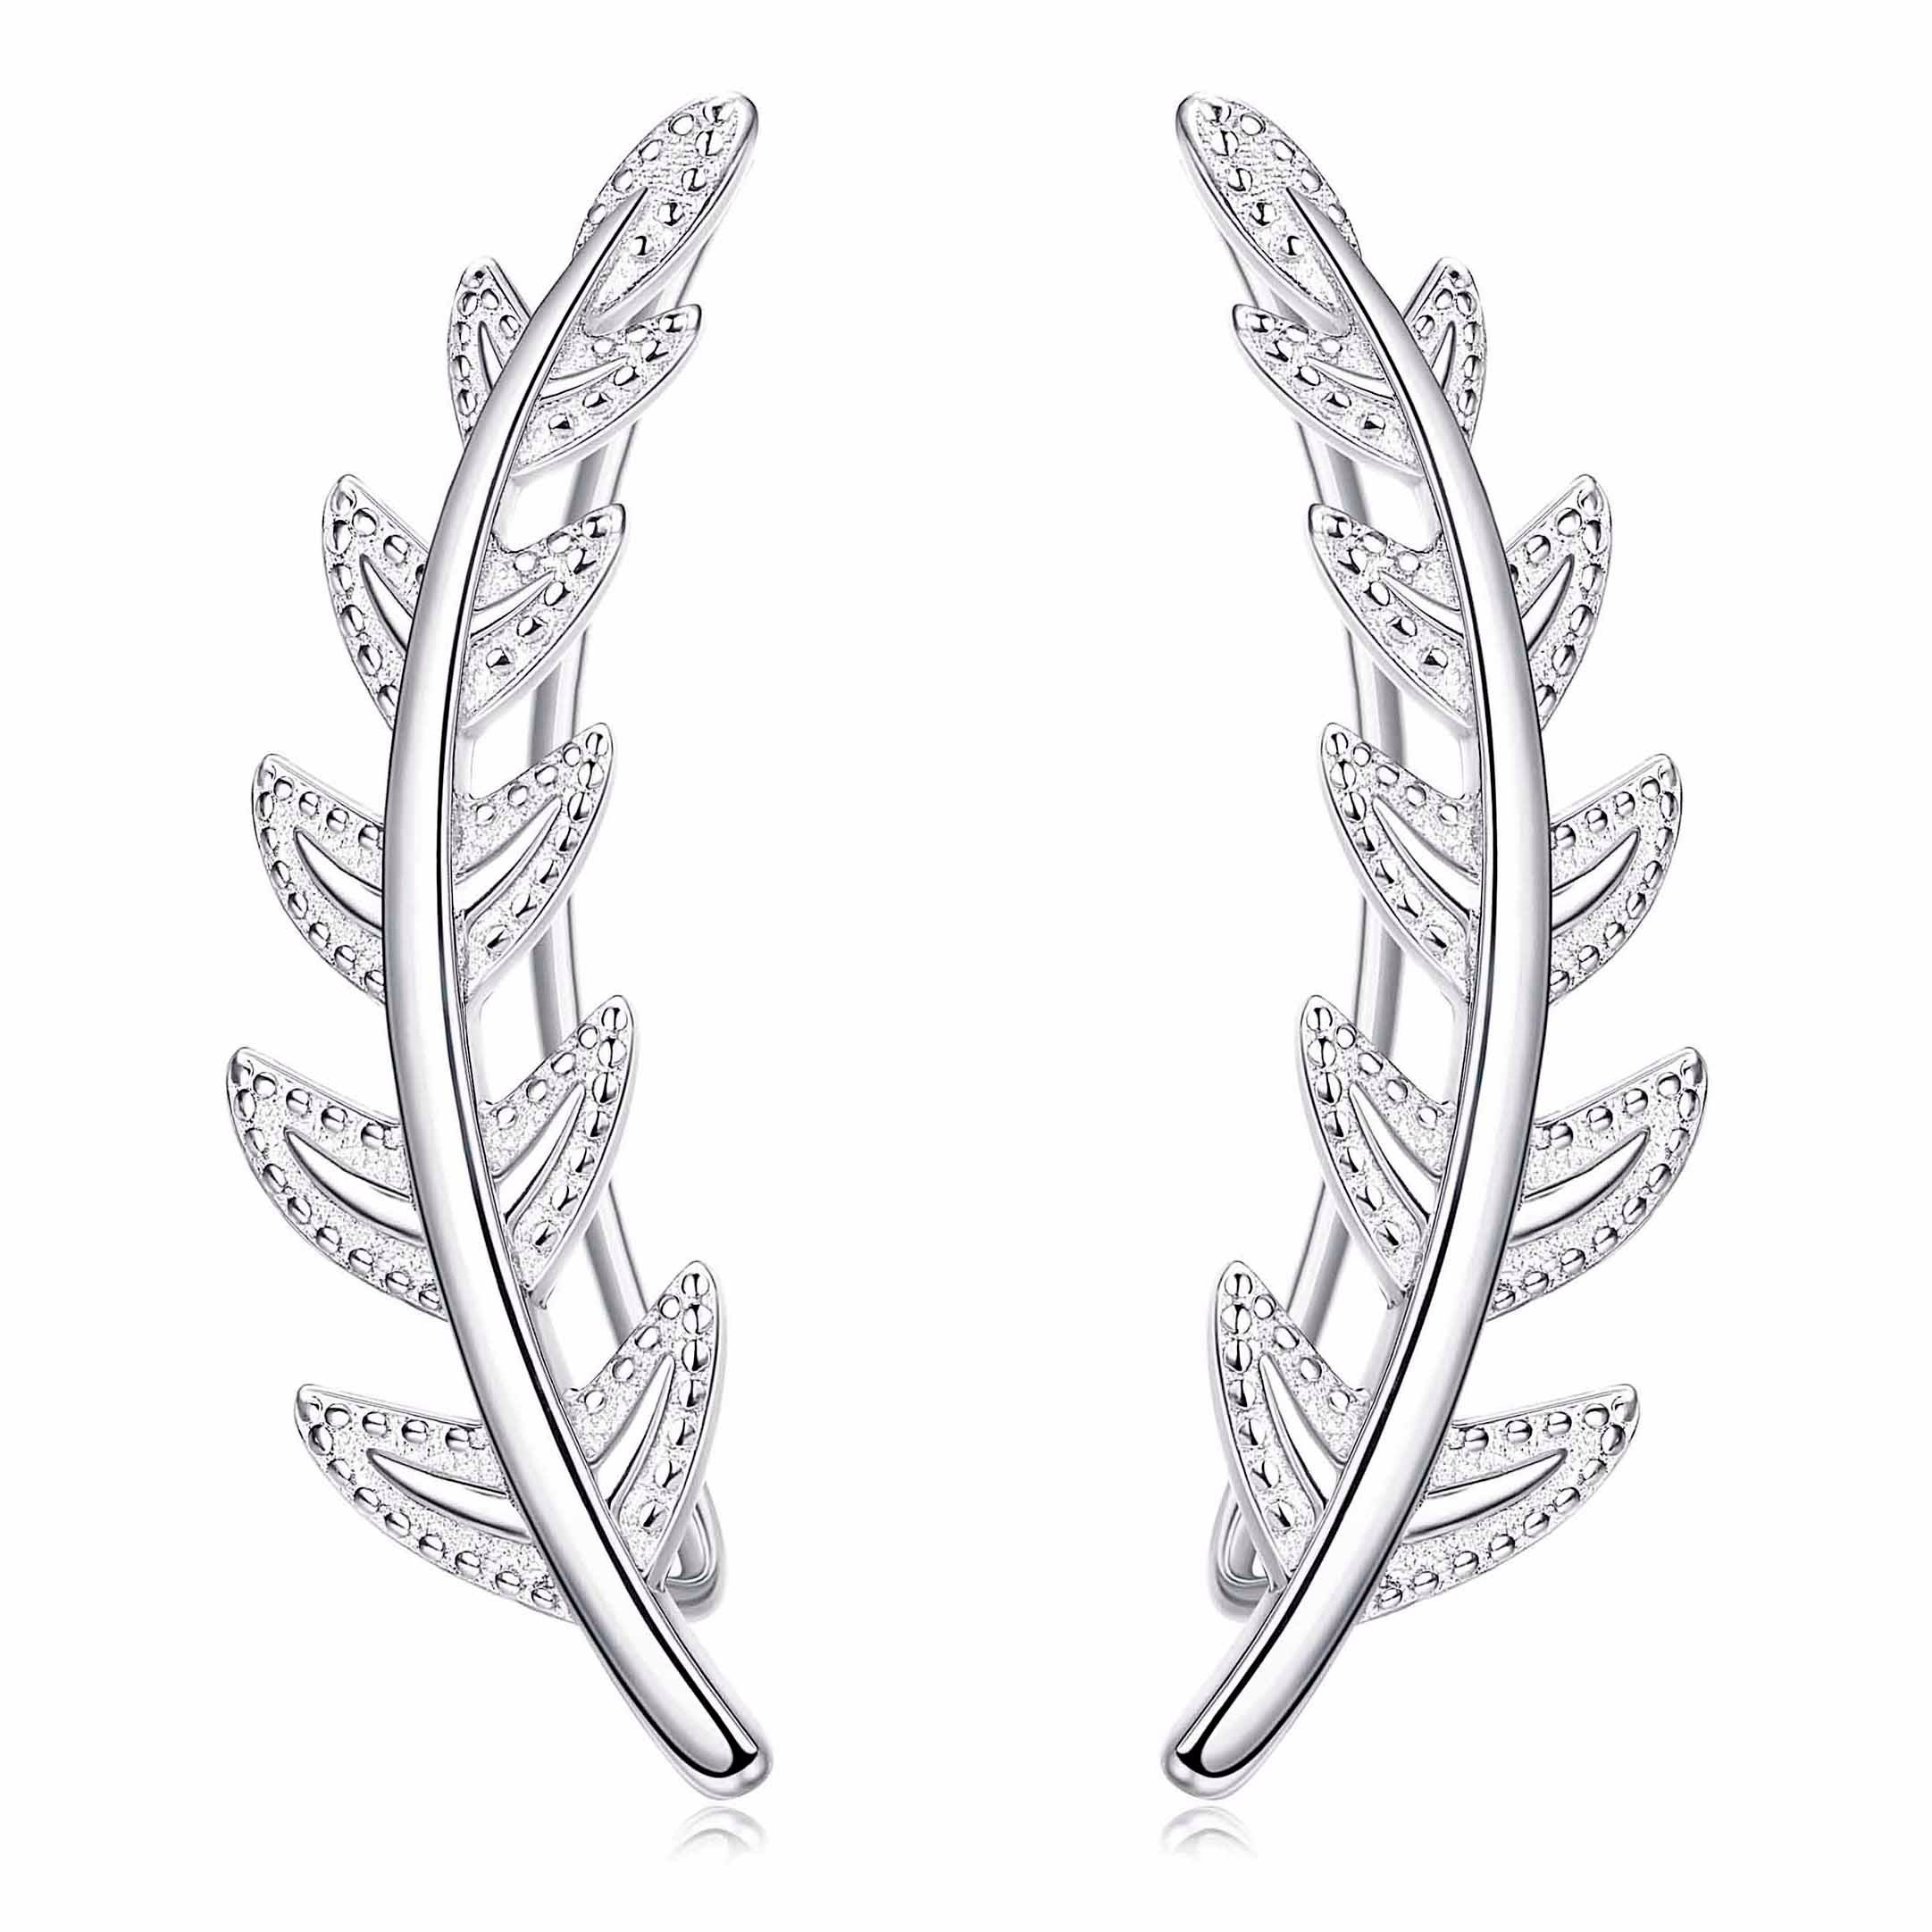 FUNRUN JEWELRY Leaf Sterling Silver Ear Crawler Cuff Earrings for Women Girls Climber Earrings Hypoallergenic